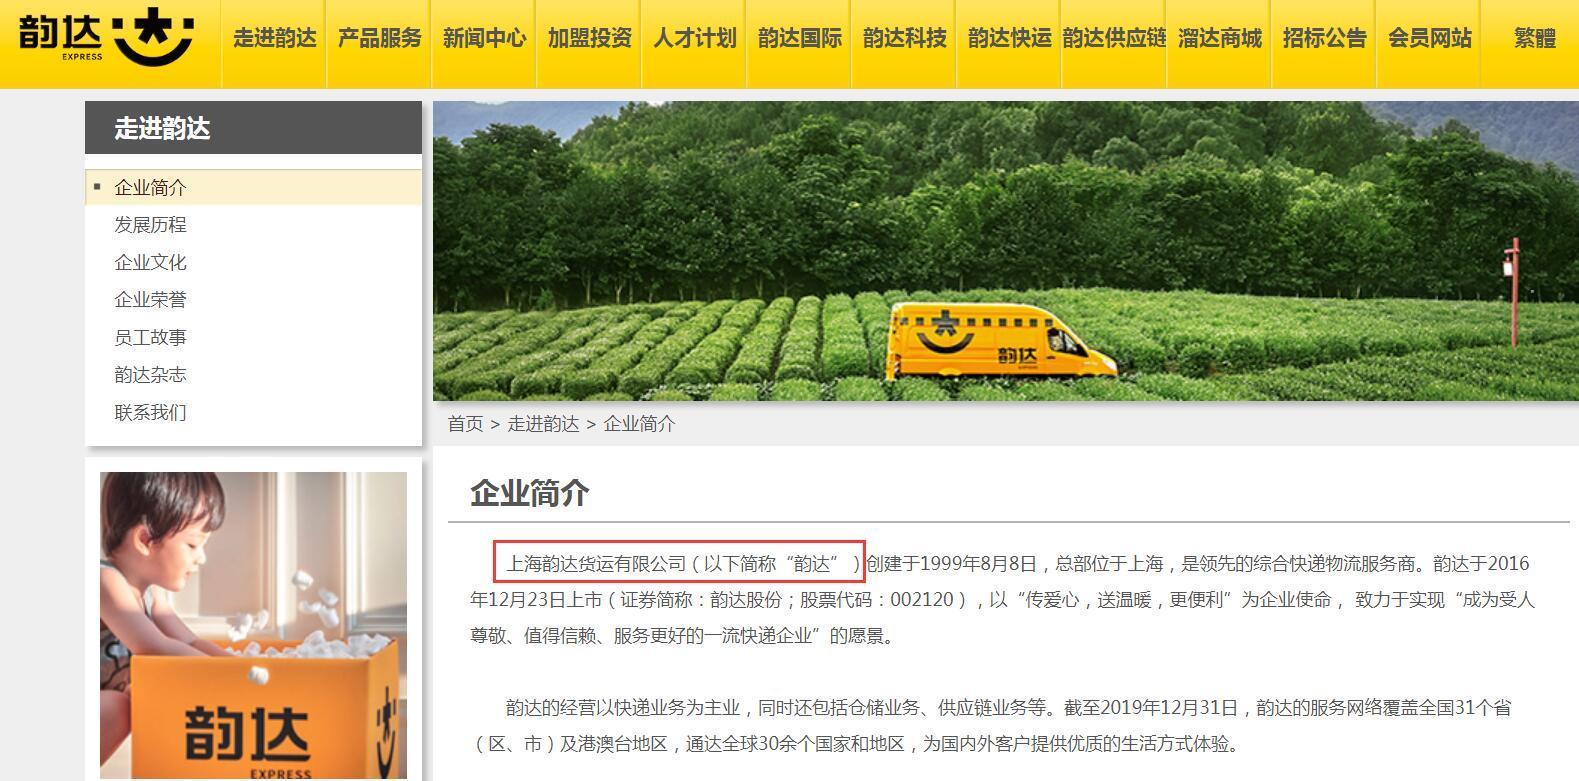 韵达因快递末端投递服务不规范 被上海市消保委点名